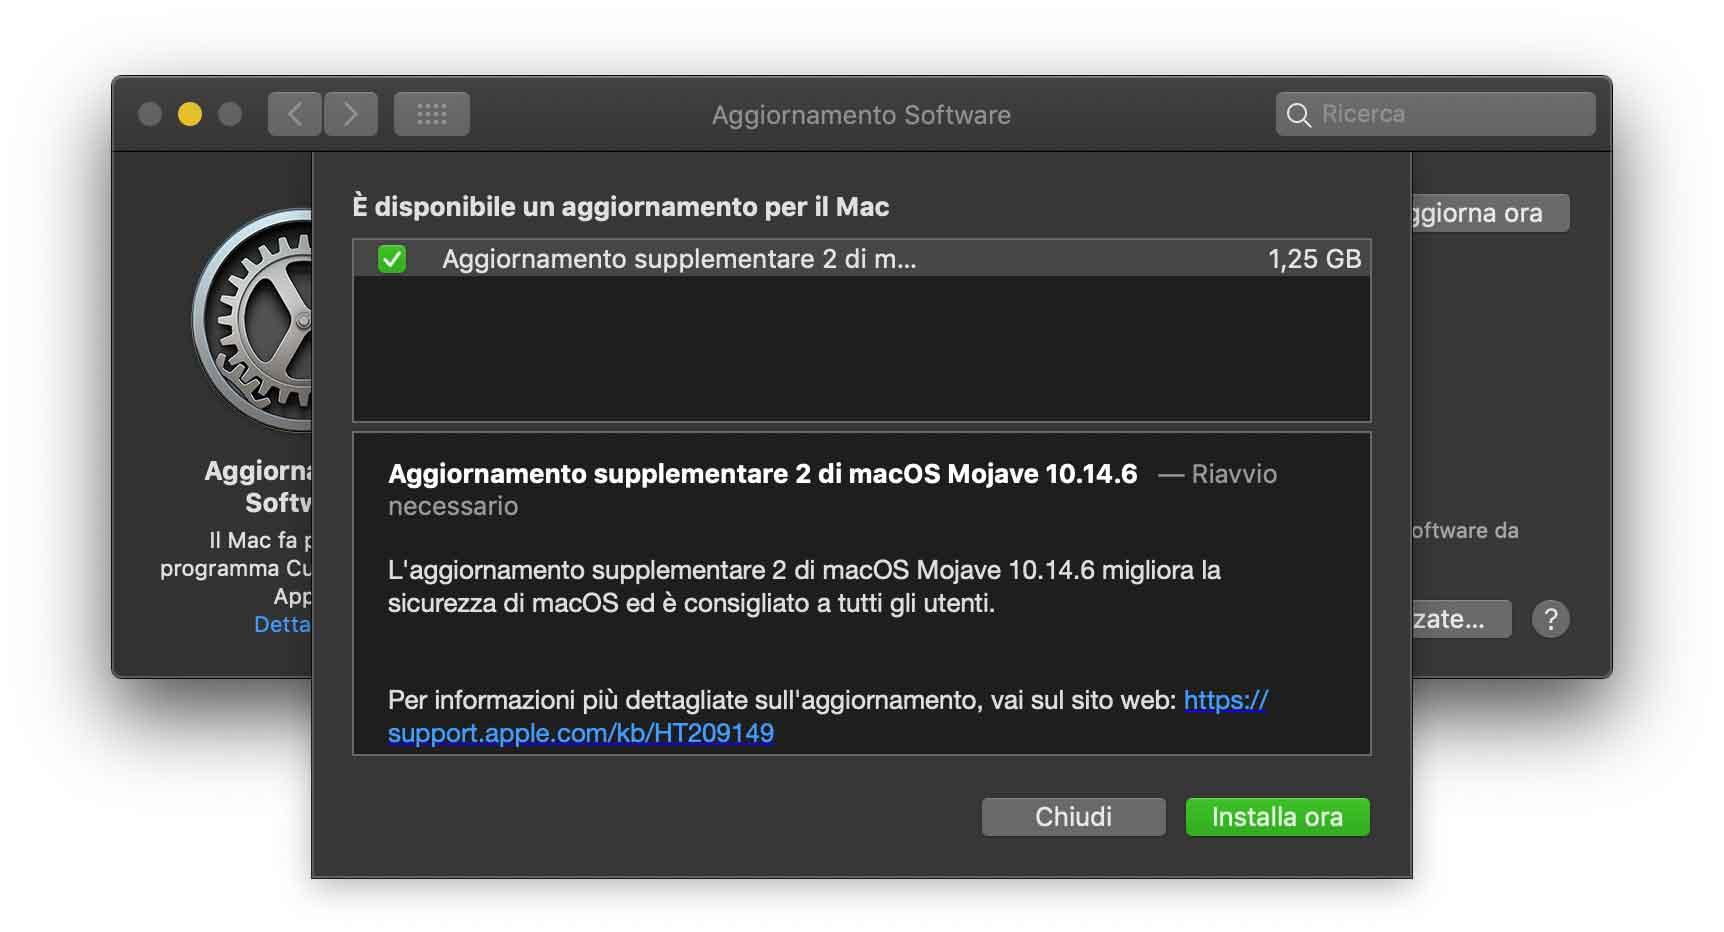 Apple ha rilasciato l'aggiornamento supplementare 2 di macOS Mojave 10.14.6